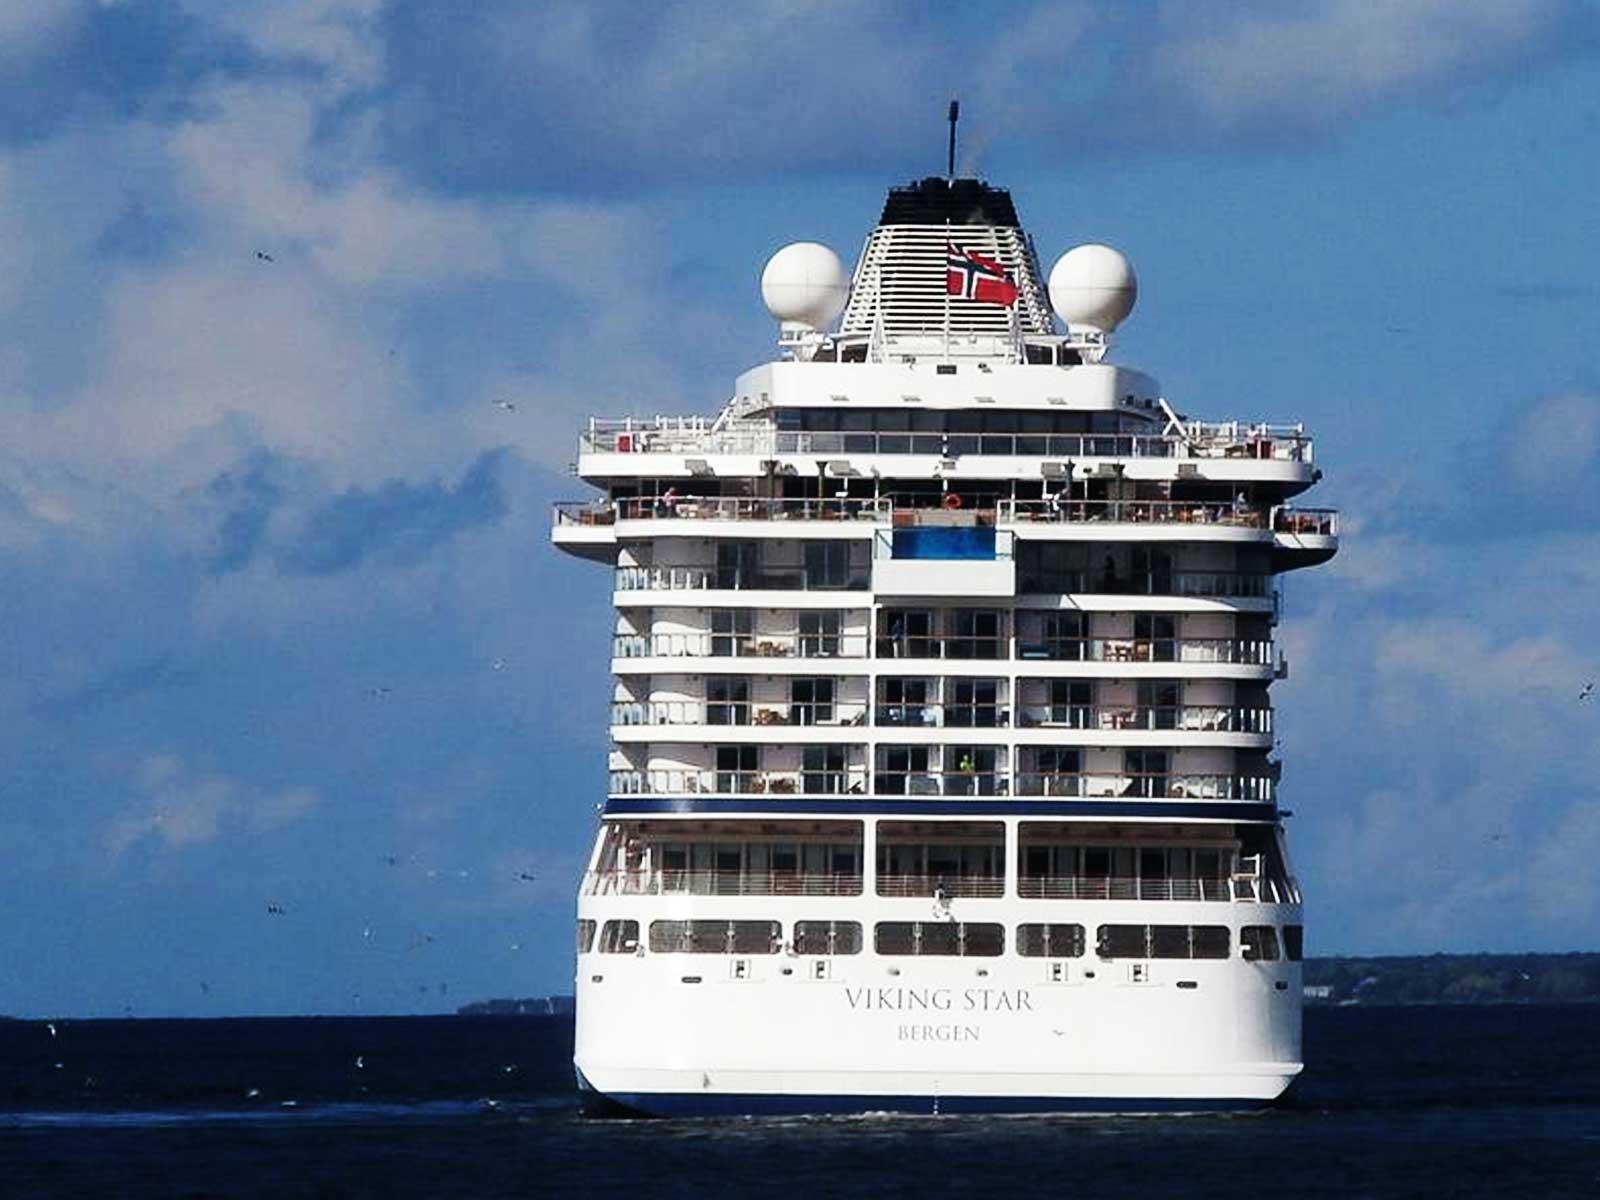 Premier navire de la compagnie Viking Cruises, habituellement plus habituée à parcourir les fleuves que les océans, le Viking Star fait partie des bateaux présentant le plis haut taux d'espace/passager à bord. C'est l'une des raisons il figure dans le classement des meilleurs bateaux de la décennie.